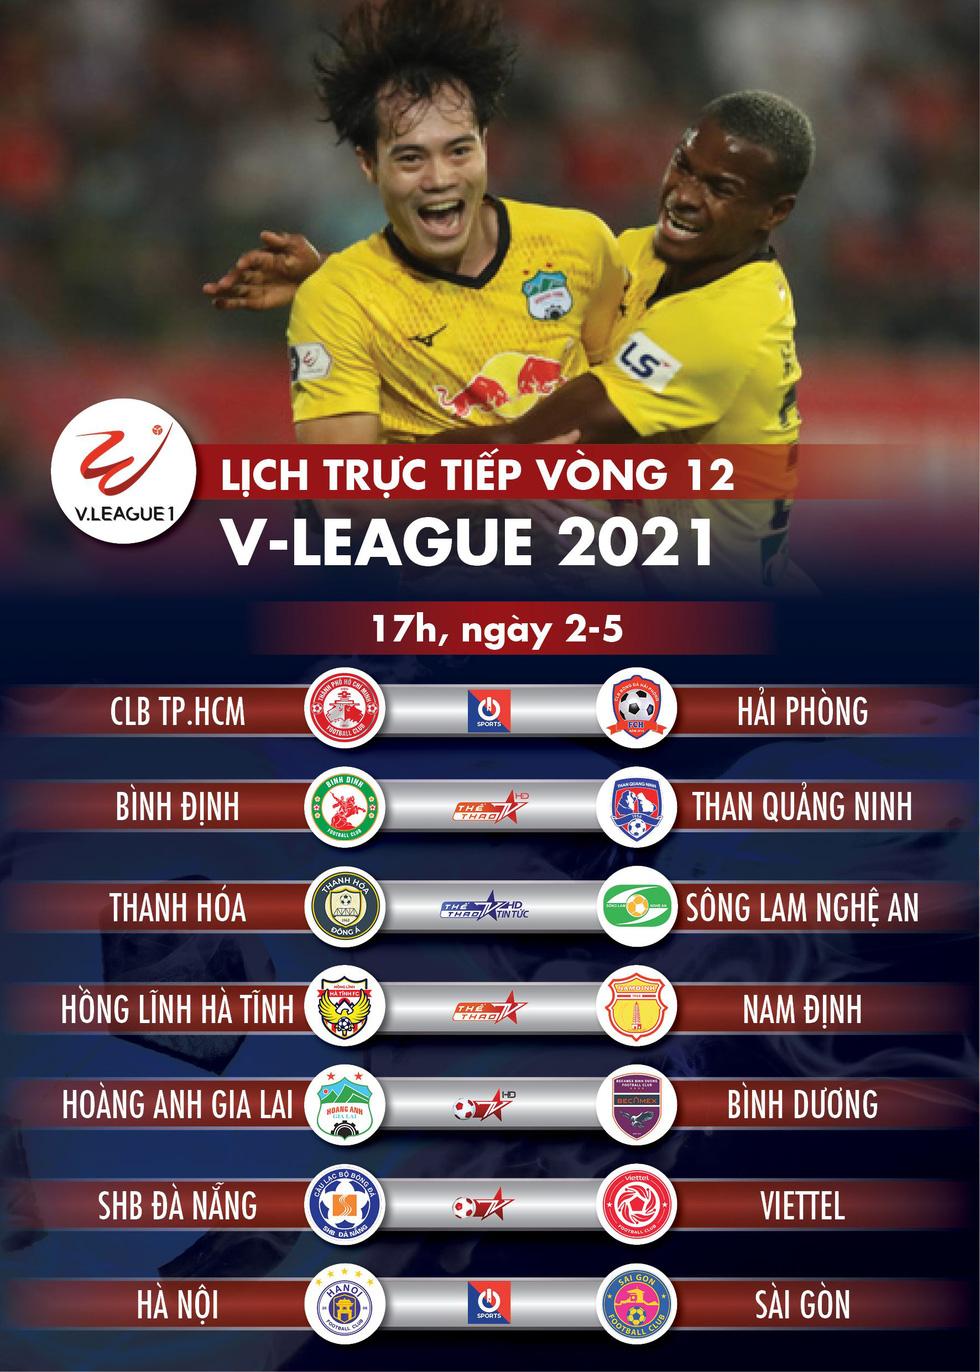 Lịch trực tiếp vòng 12 V-League 2021: HAGL - Bình Dương, Đà Nẵng - Viettel - Ảnh 1.